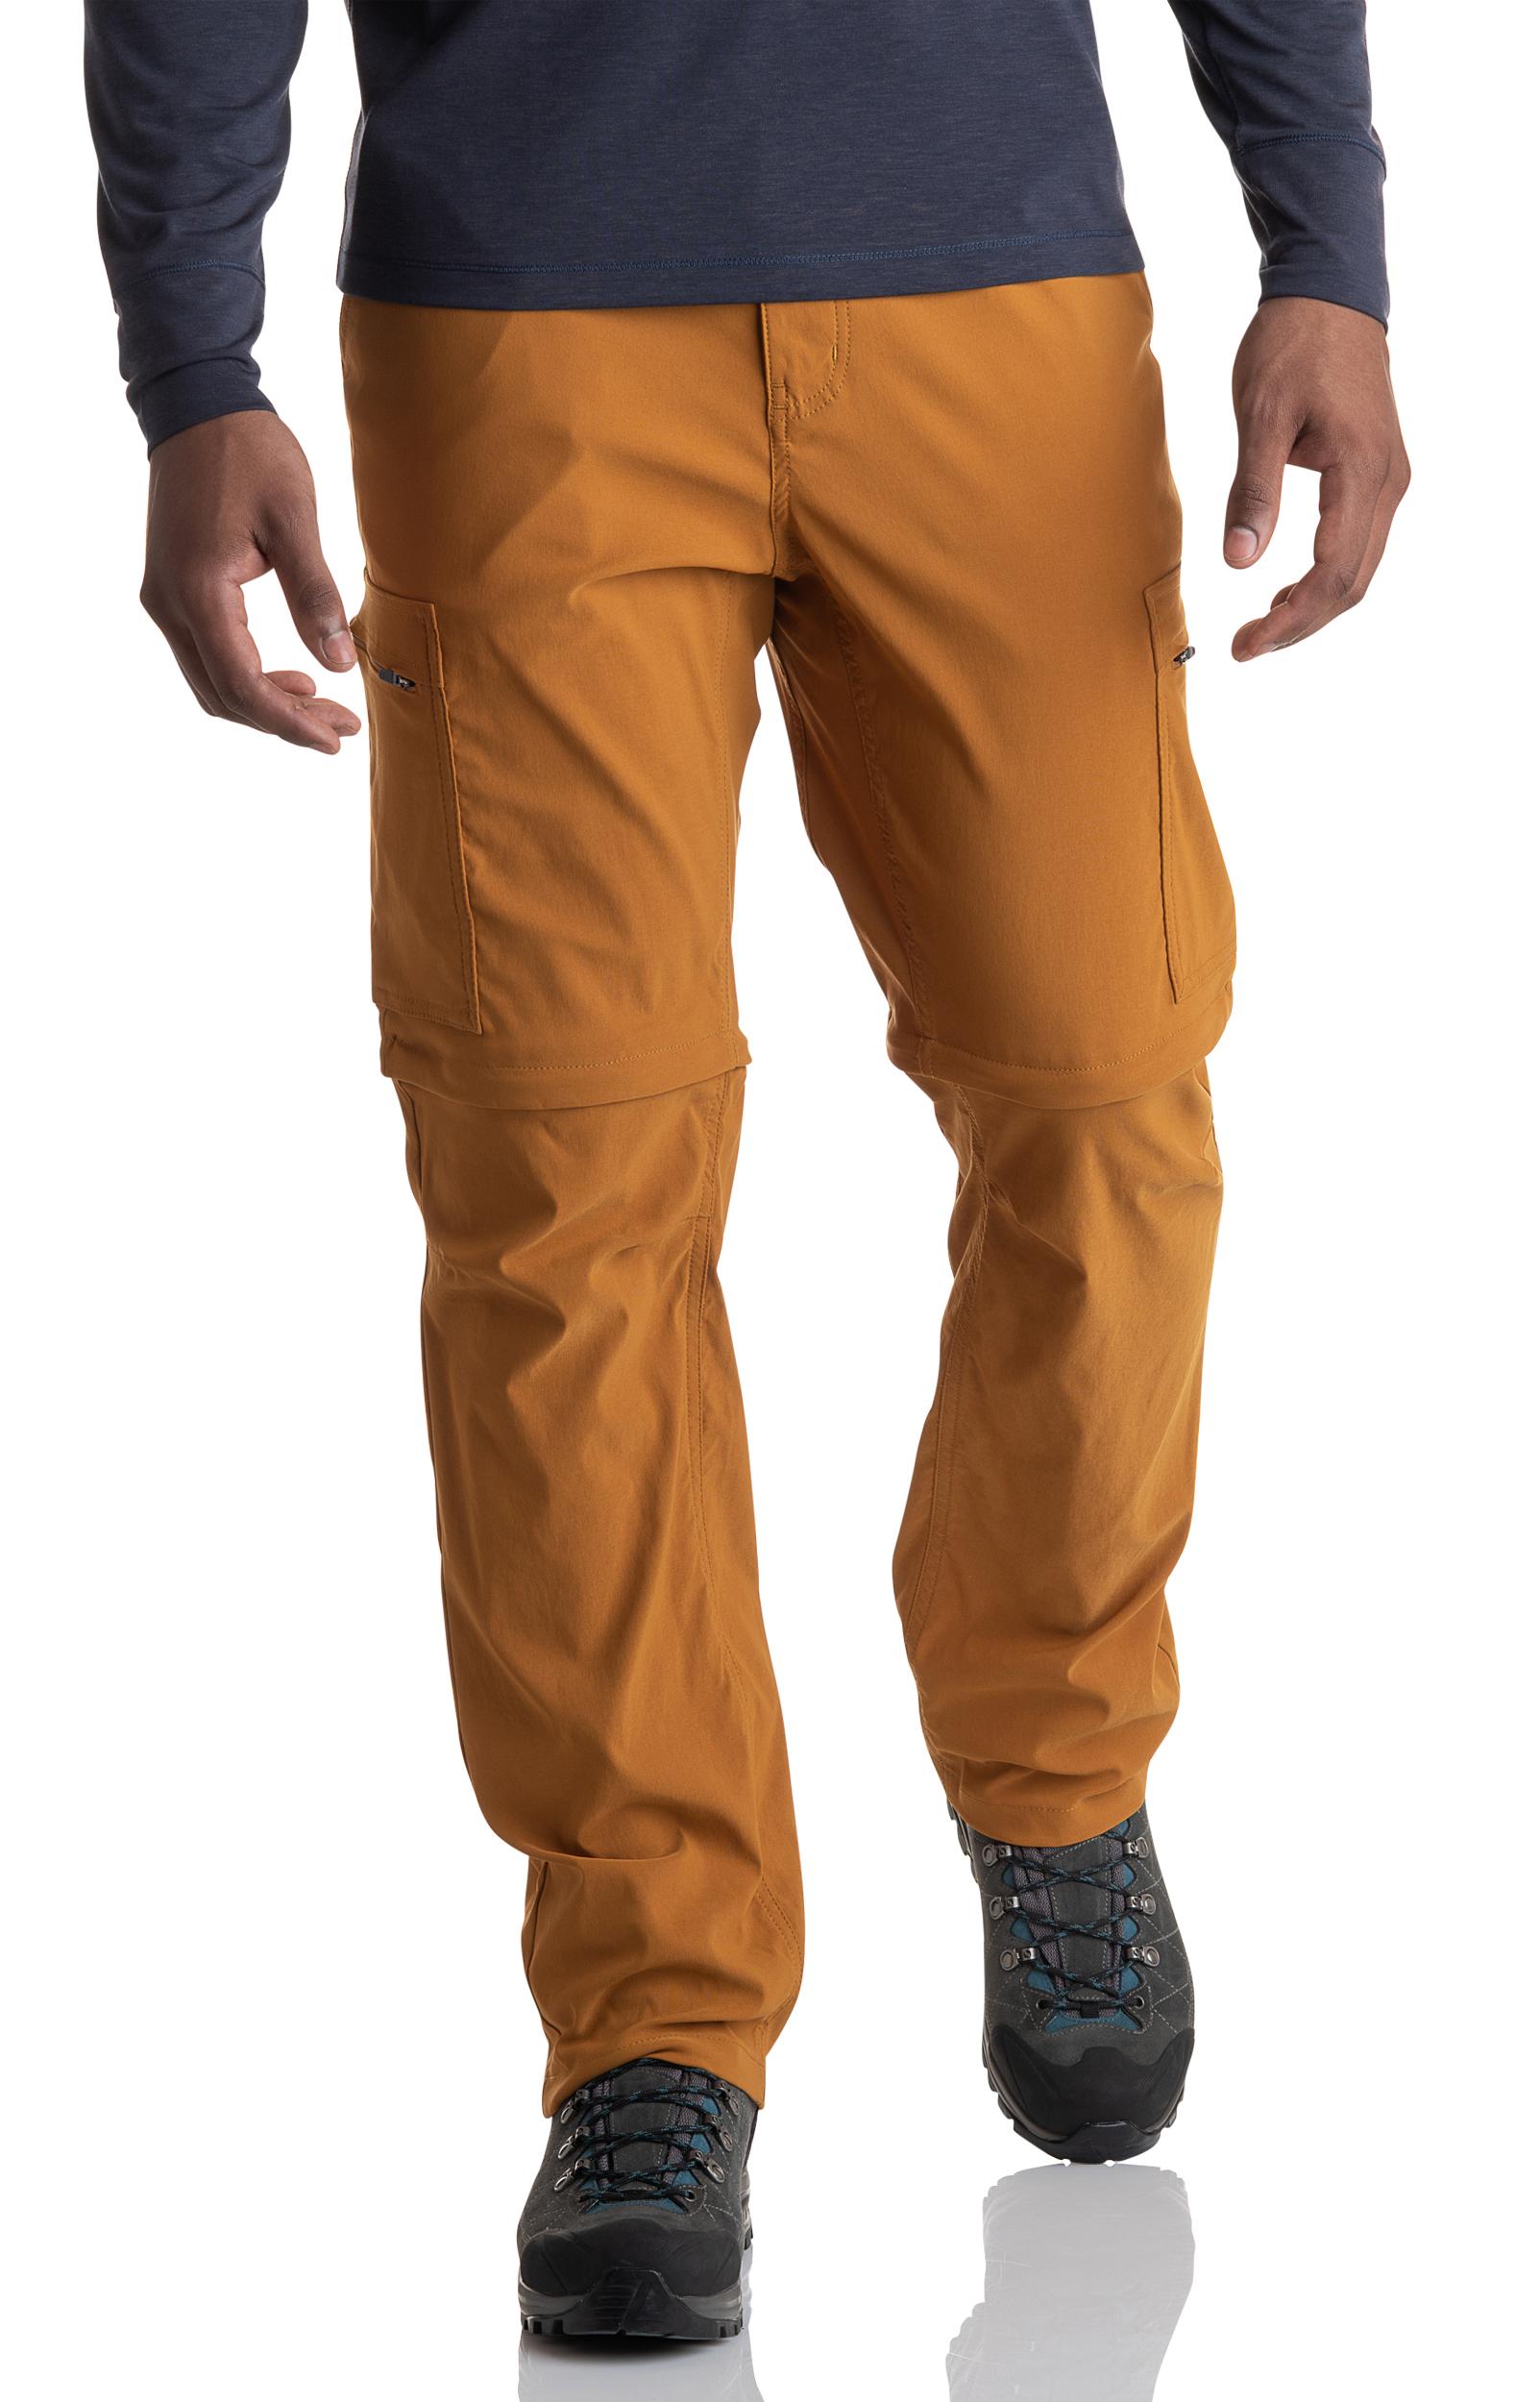 cd177c993244 Men's Hiking pants | MEC